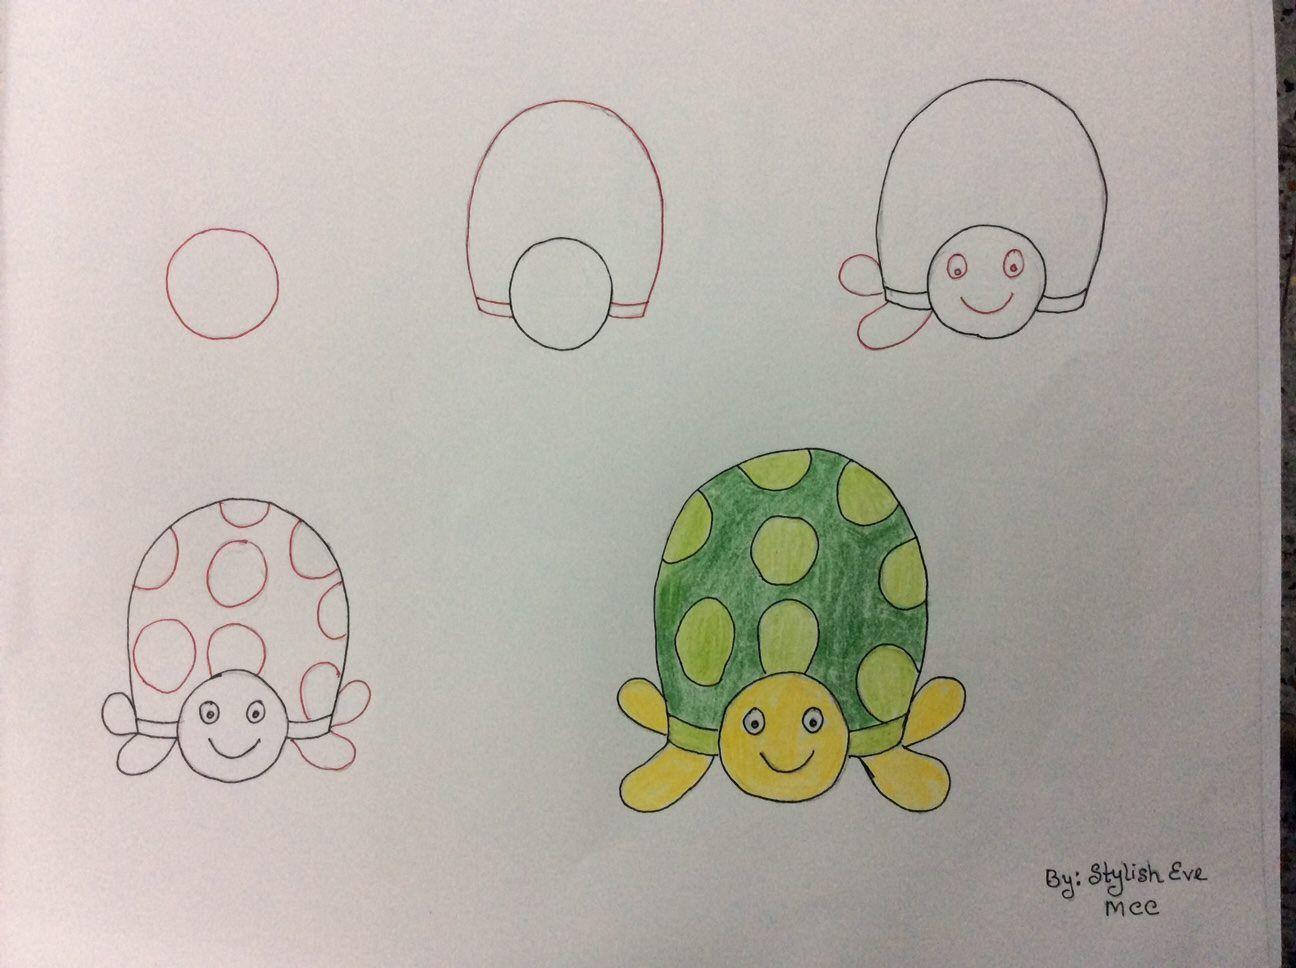 آموزش نقاشی ساده حیوانات با اعداد Easy Drawings Drawings Turtle Drawing